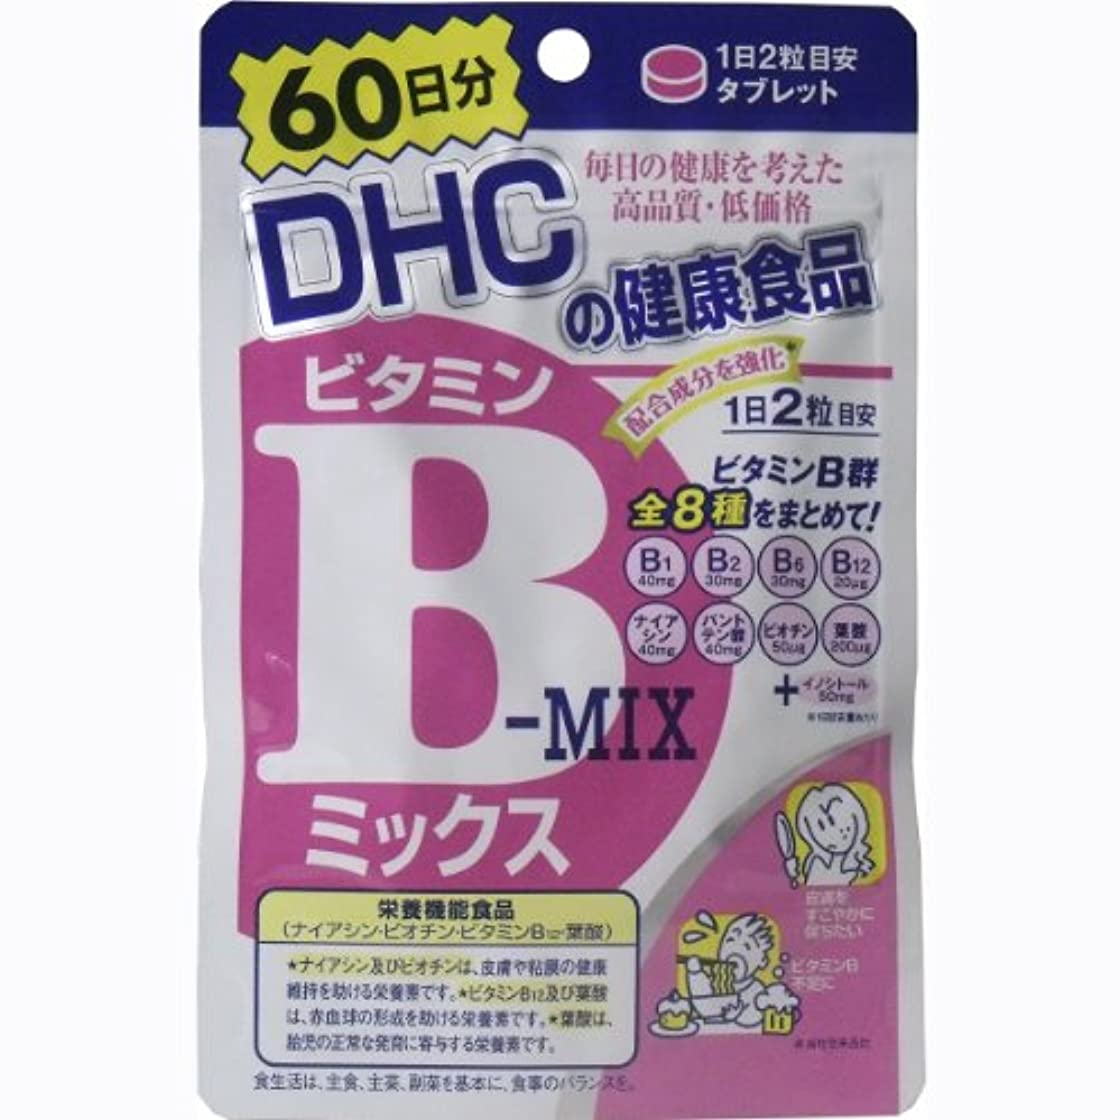 まっすぐにする汚染鳩DHC ビタミンBミックス 120粒 60日分「4点セット」